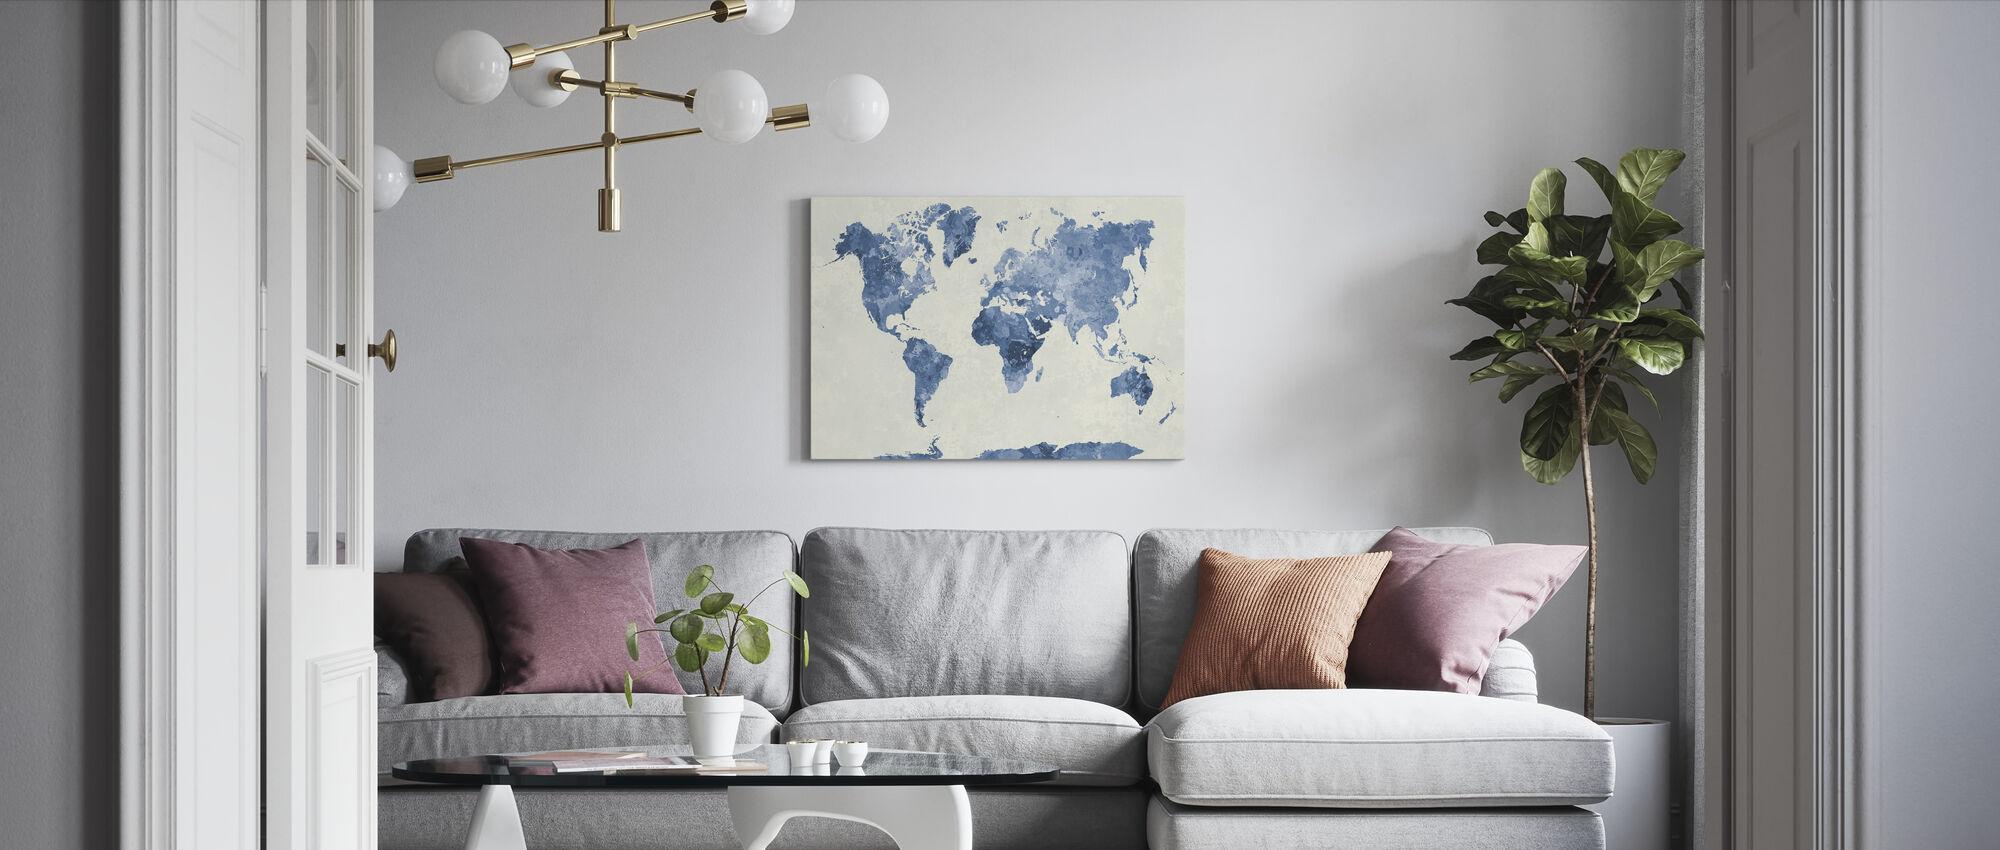 Blå Världen i akvarell - Canvastavla - Vardagsrum